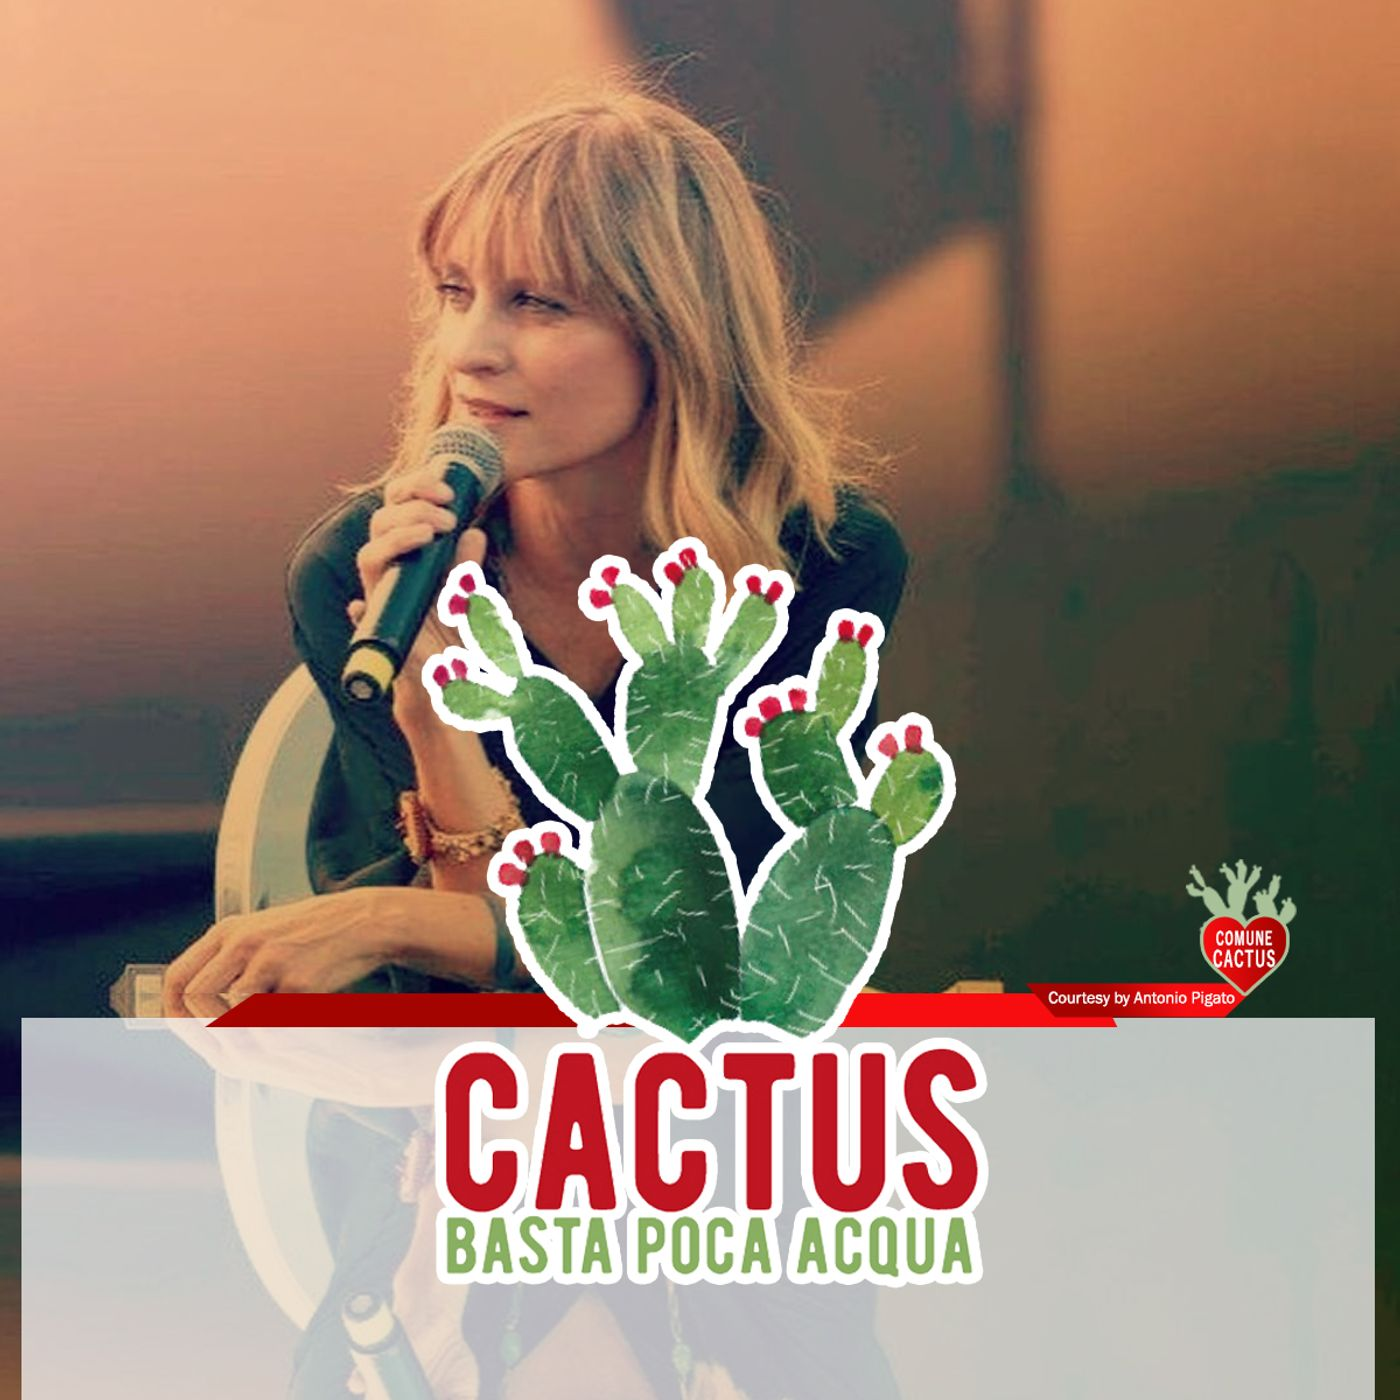 Cactus #26 - Senza le basi, dimenticatevi le altezze - 25/03/2021